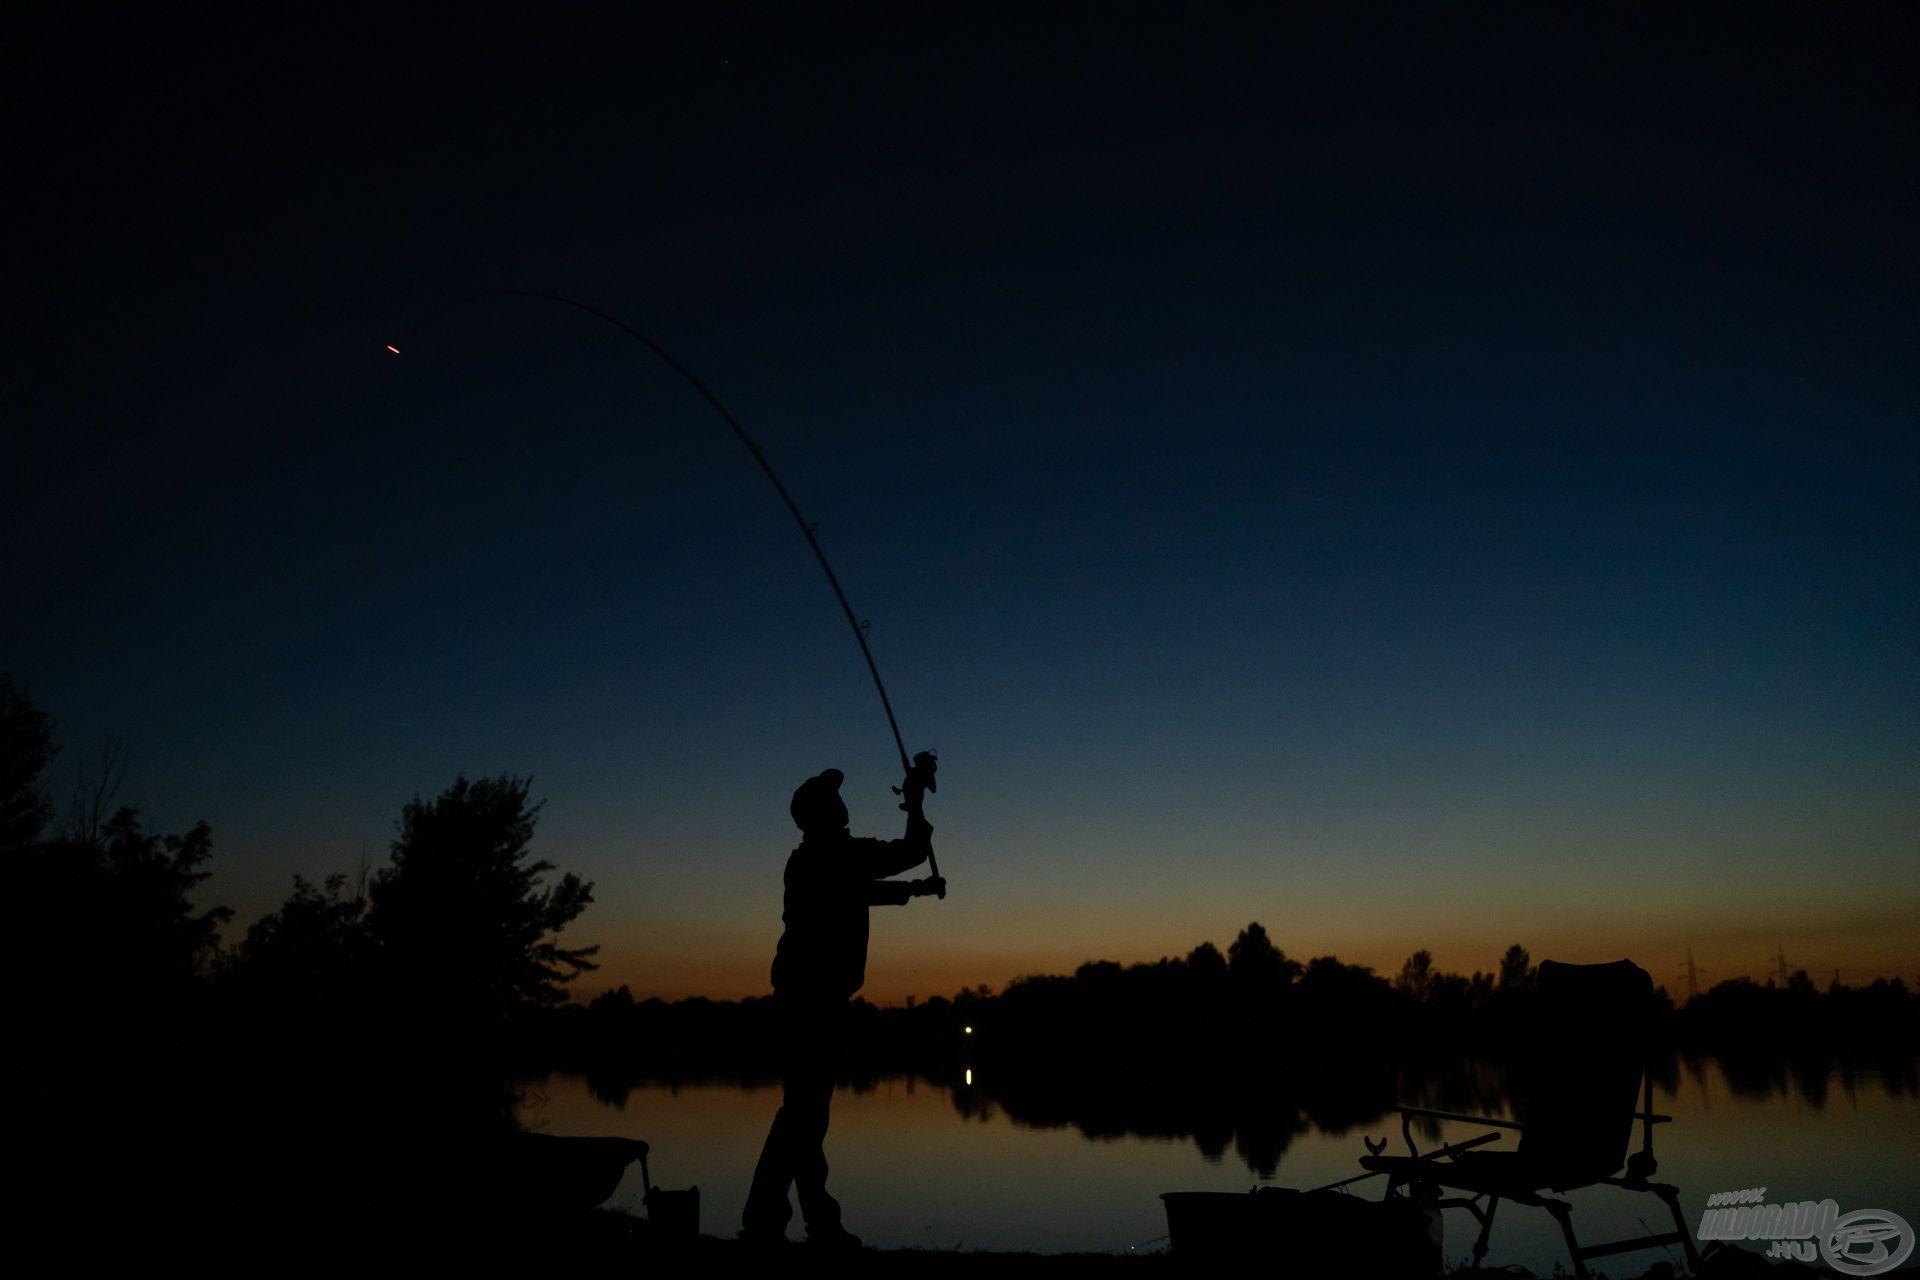 Természetesen a célzott, pontos horgászat így sem tálcán kínált lehetőség, de a megfelelő technikai megoldások sokat tudnak lendíteni a hatékonyságon